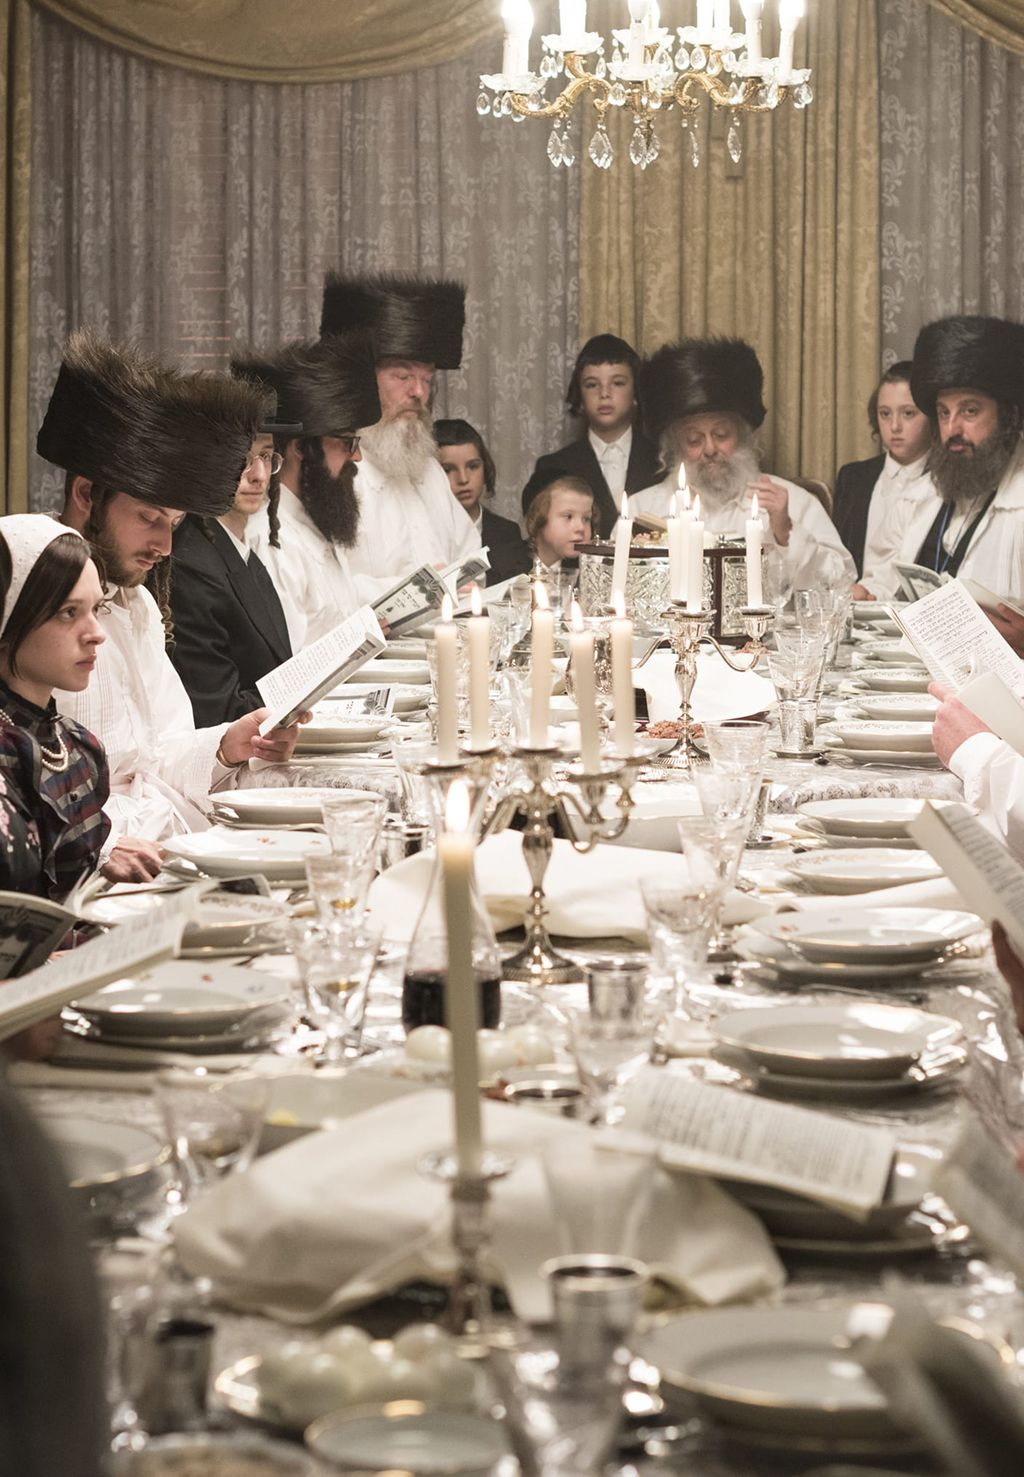 A széder-eseten sokan ülik körbe az asztalt.